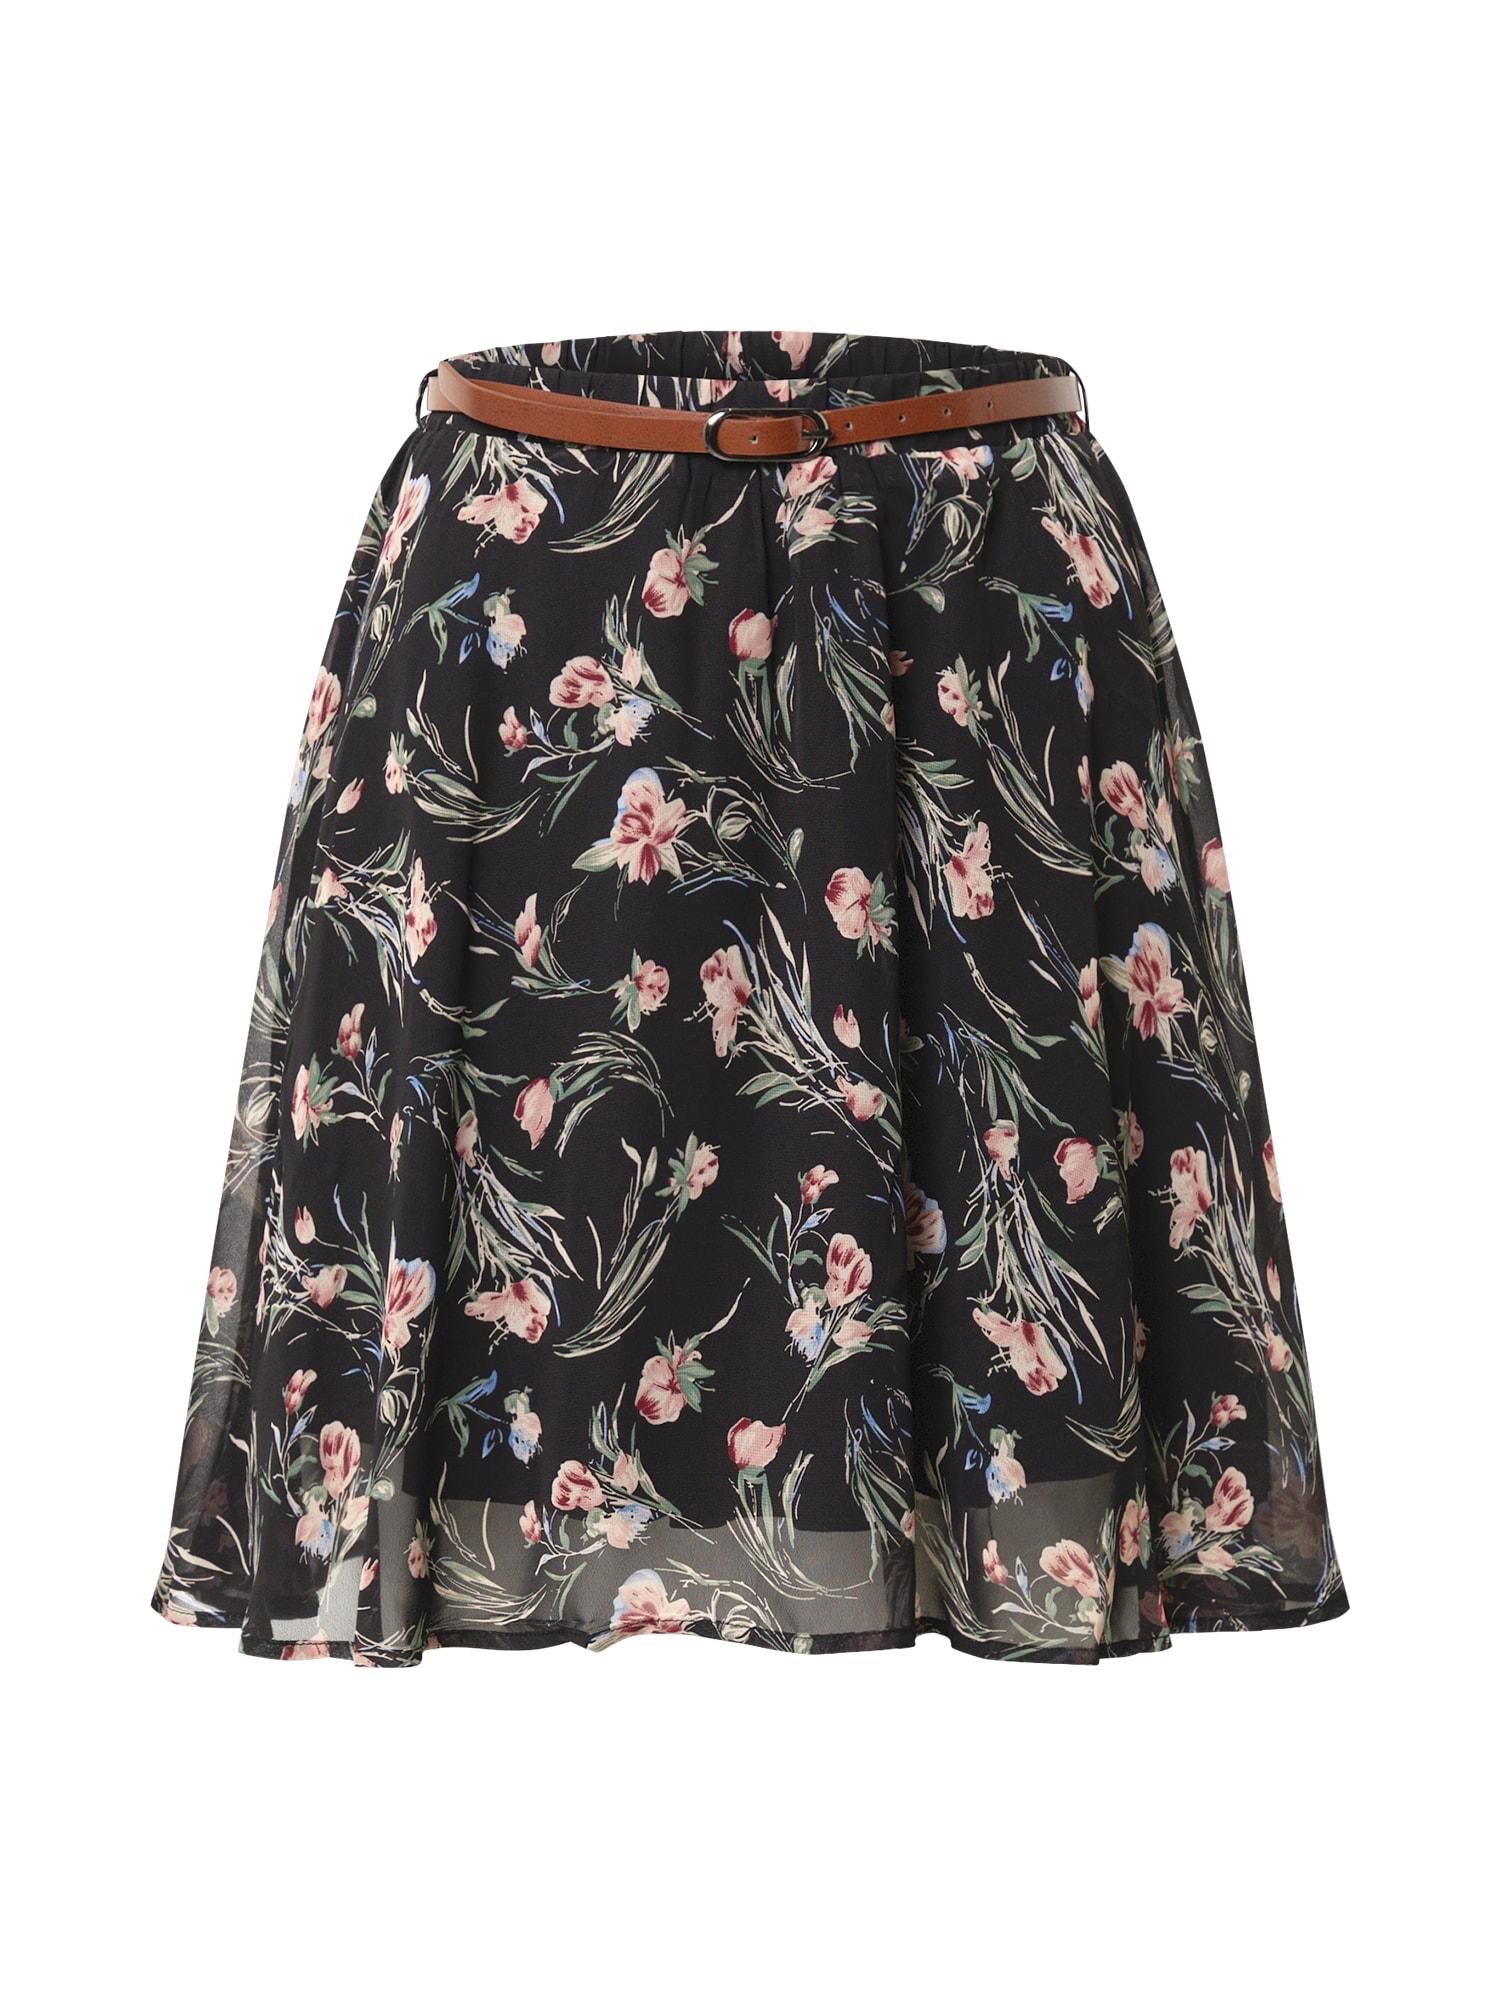 ABOUT YOU Sijonas 'Ava Skirt' mišrios spalvos / juoda / raudona / šviesiai mėlyna / rusvai žalia